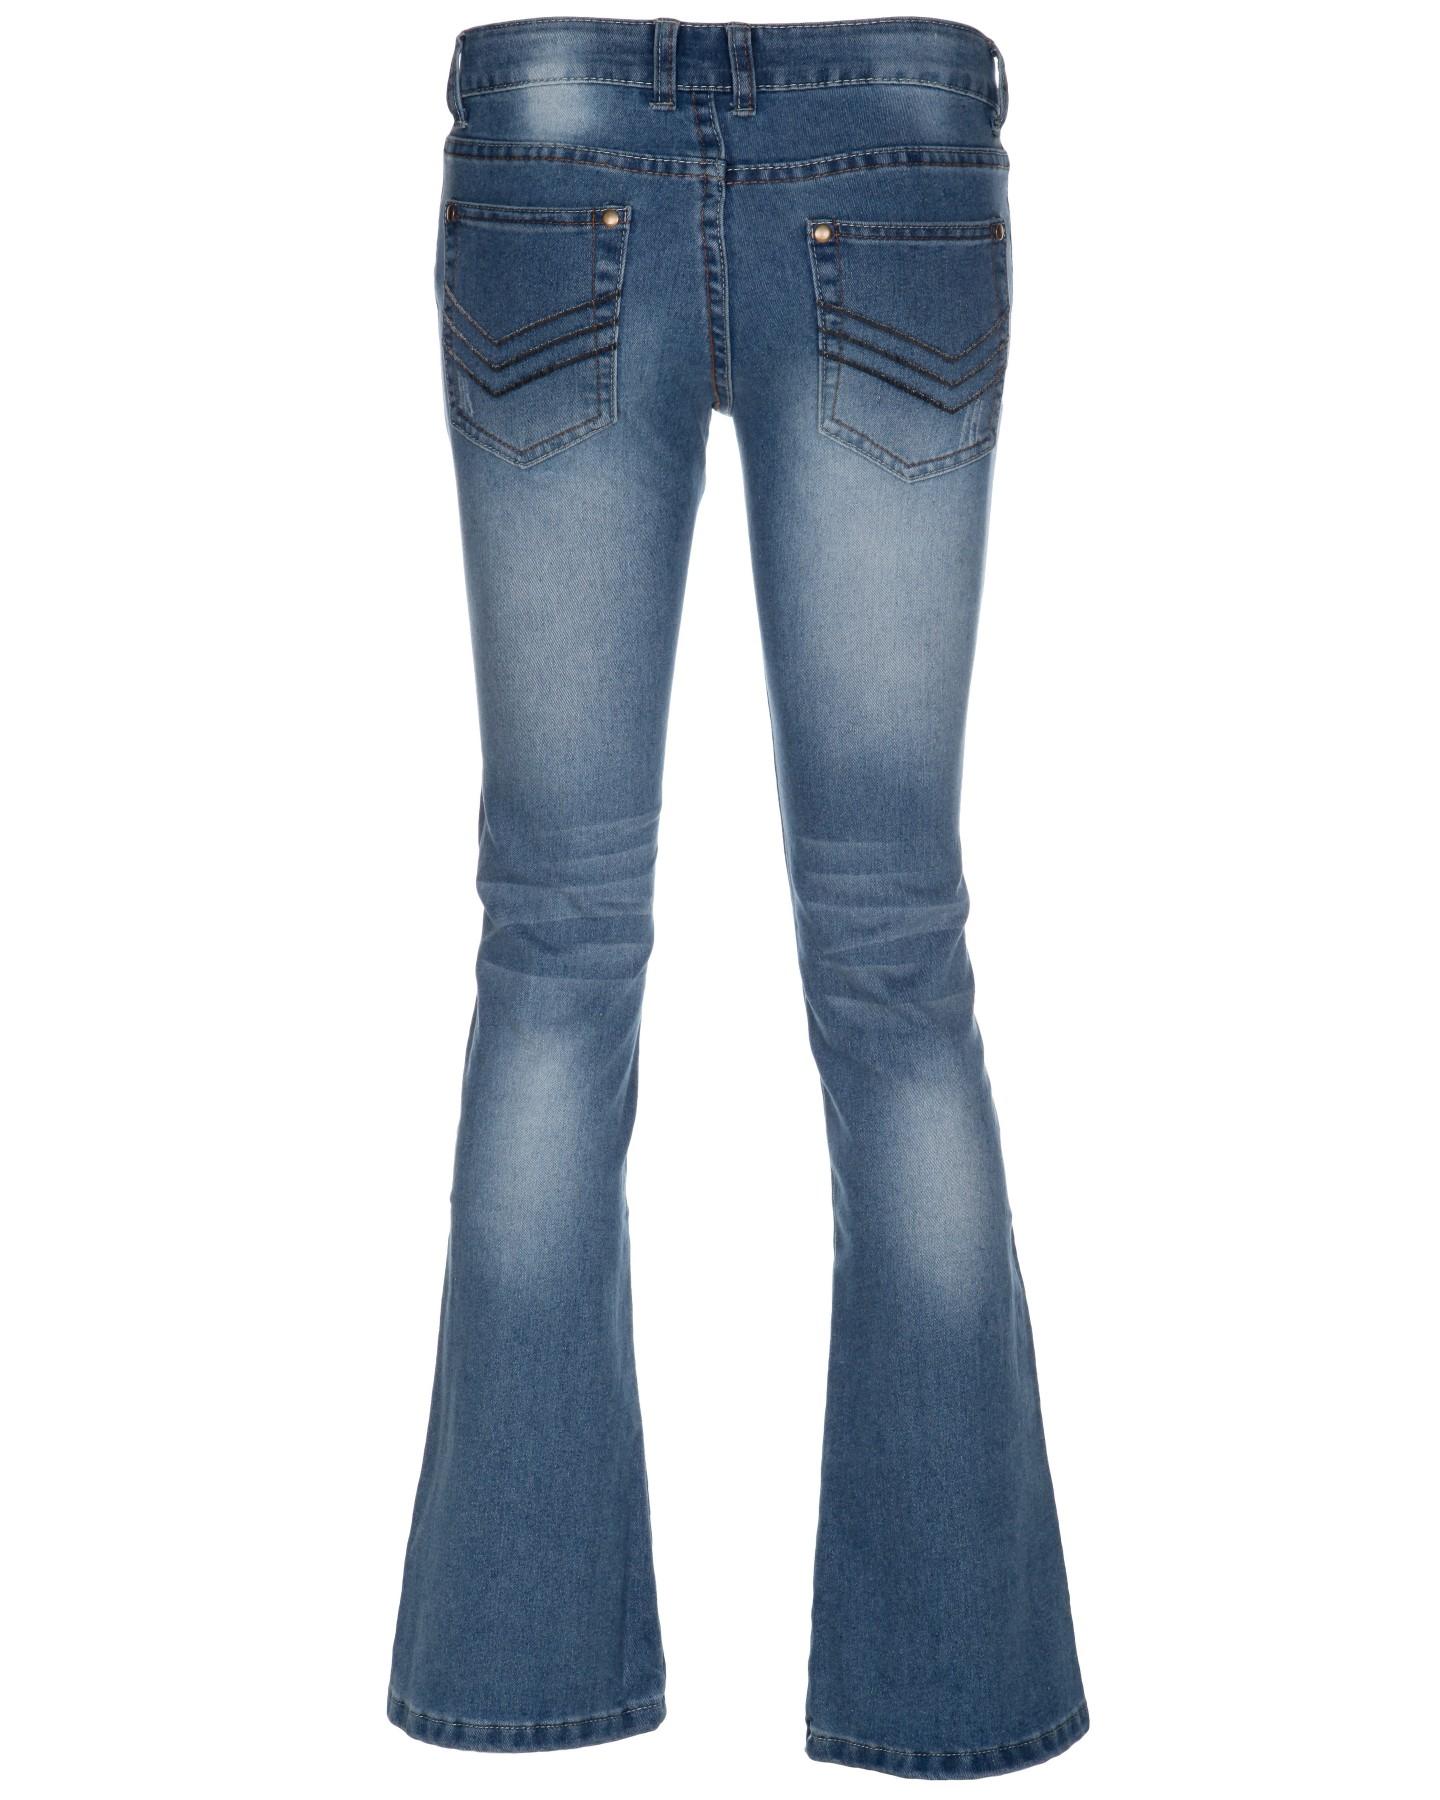 Blue-Inc-Womens-Bootcut-Denim-Jeans-Light-Blue